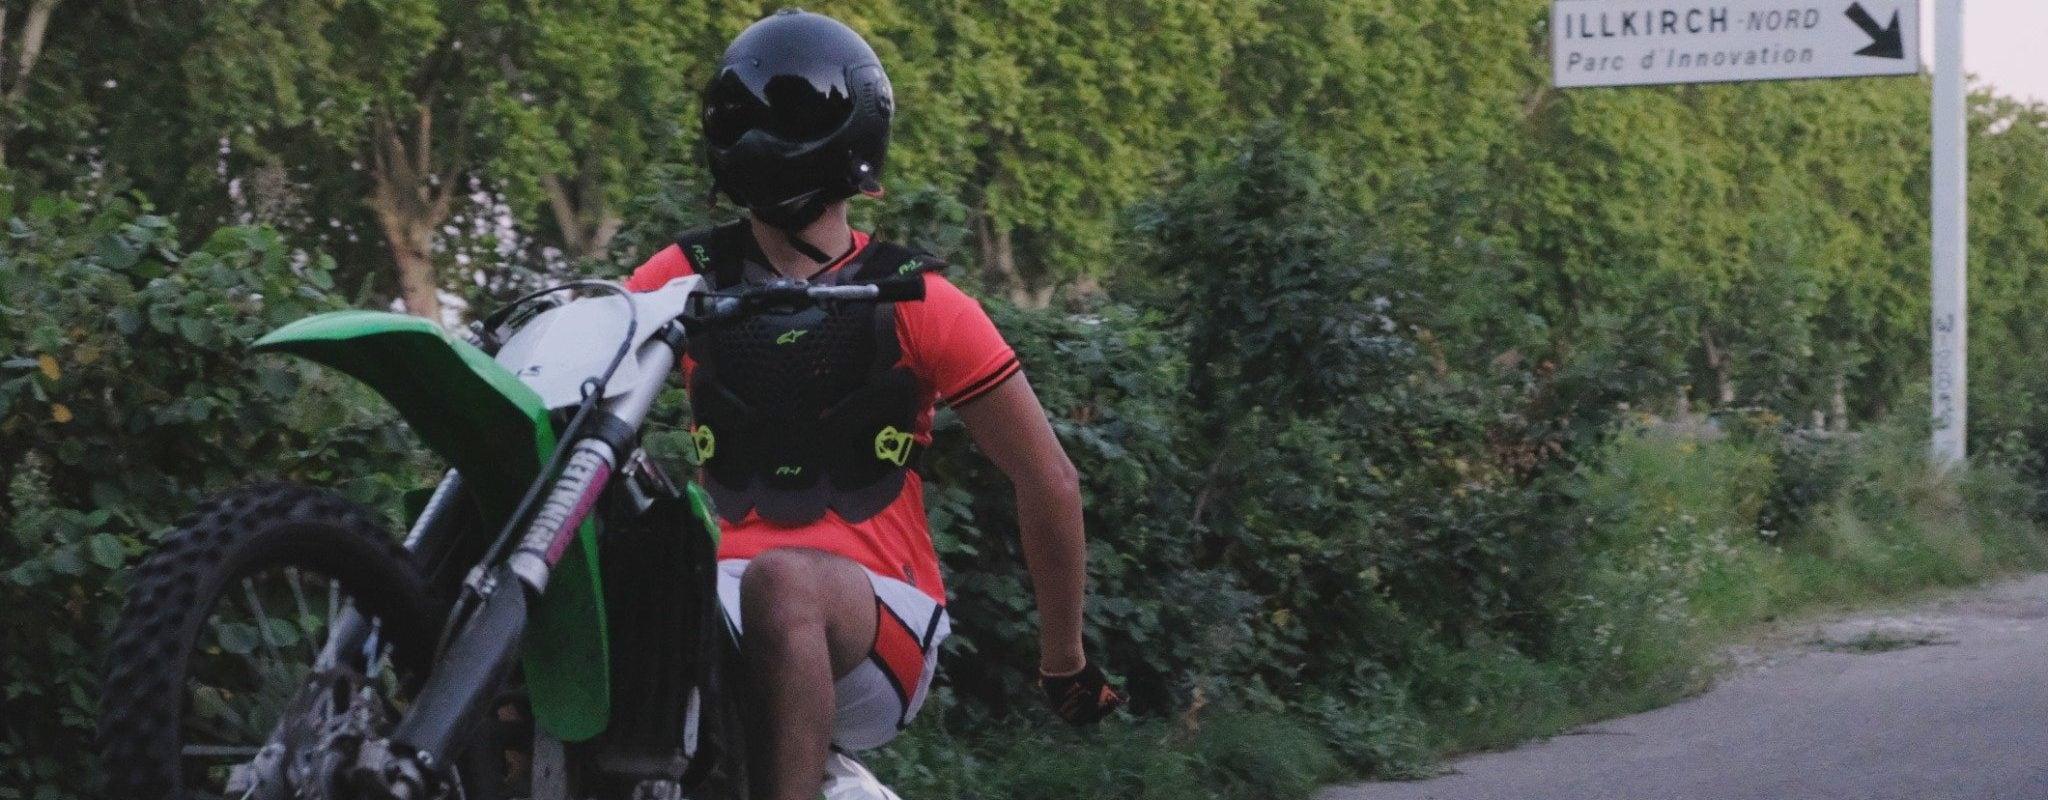 Le «rodéo urbain», la pratique impossible des passionnés de moto-cross